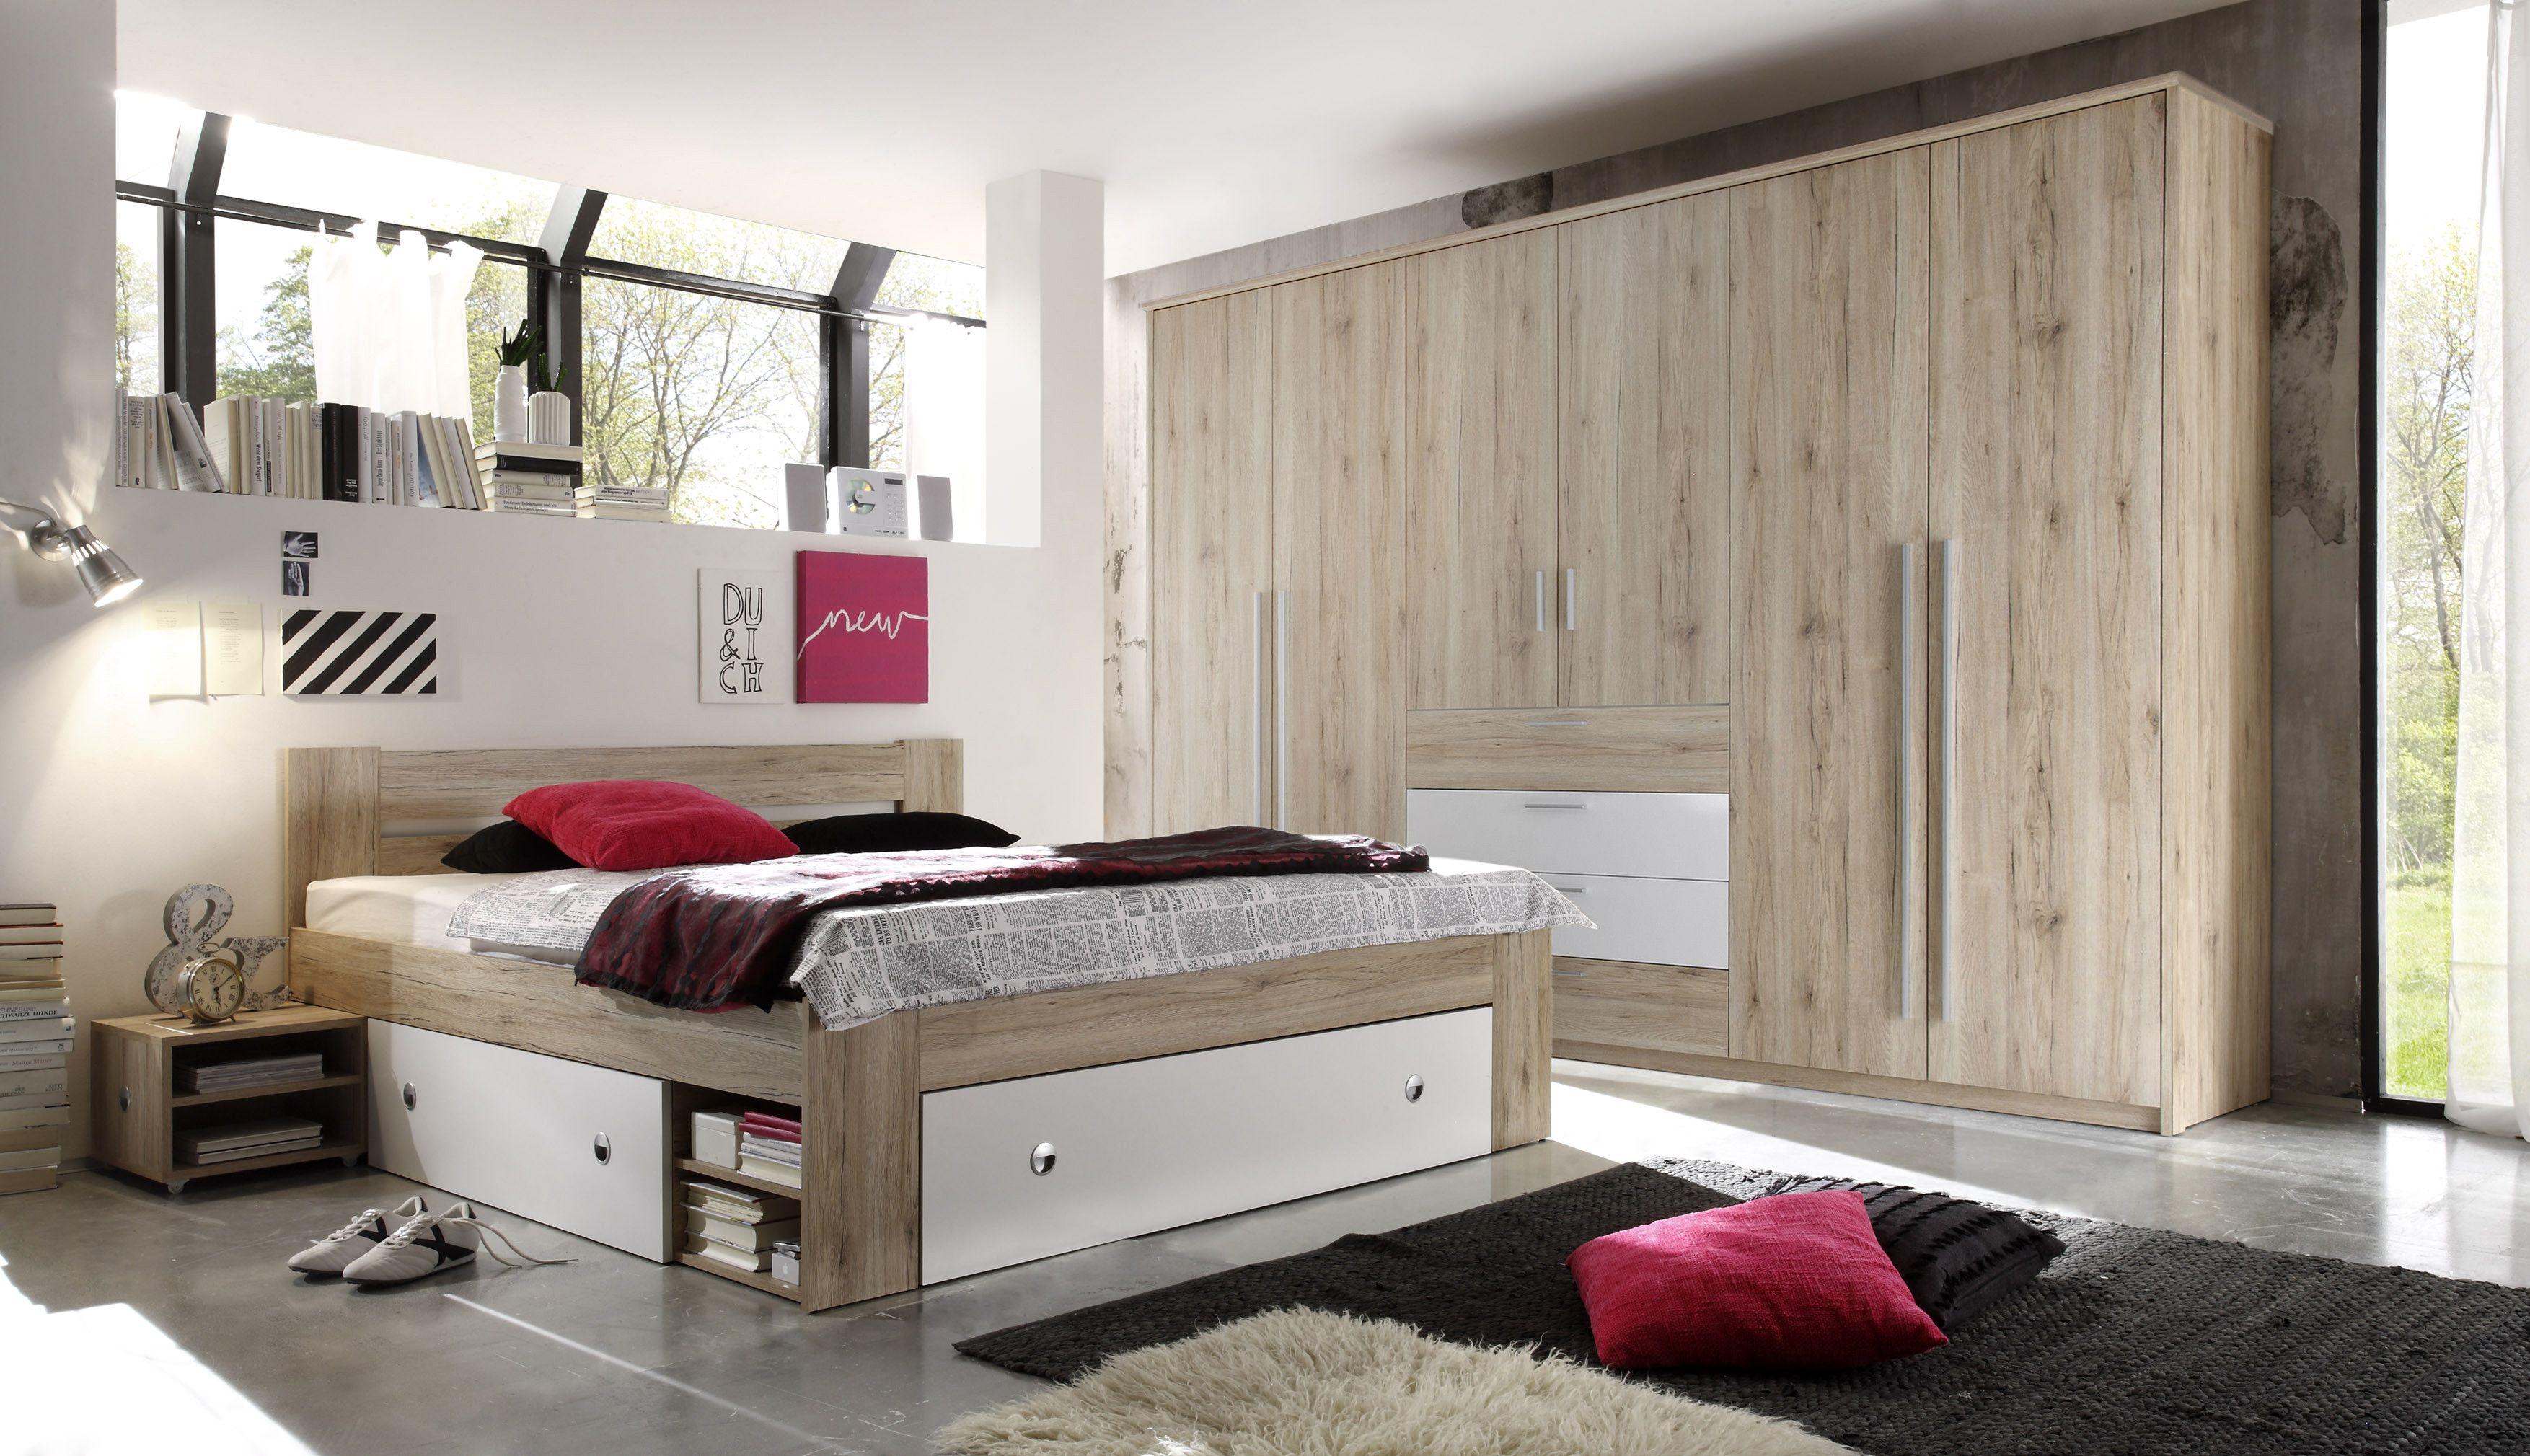 Brandneu Schlafzimmer Mit Bett 180 X 200 Cm Nakos Und Kleiderschrank Eiche  GO95